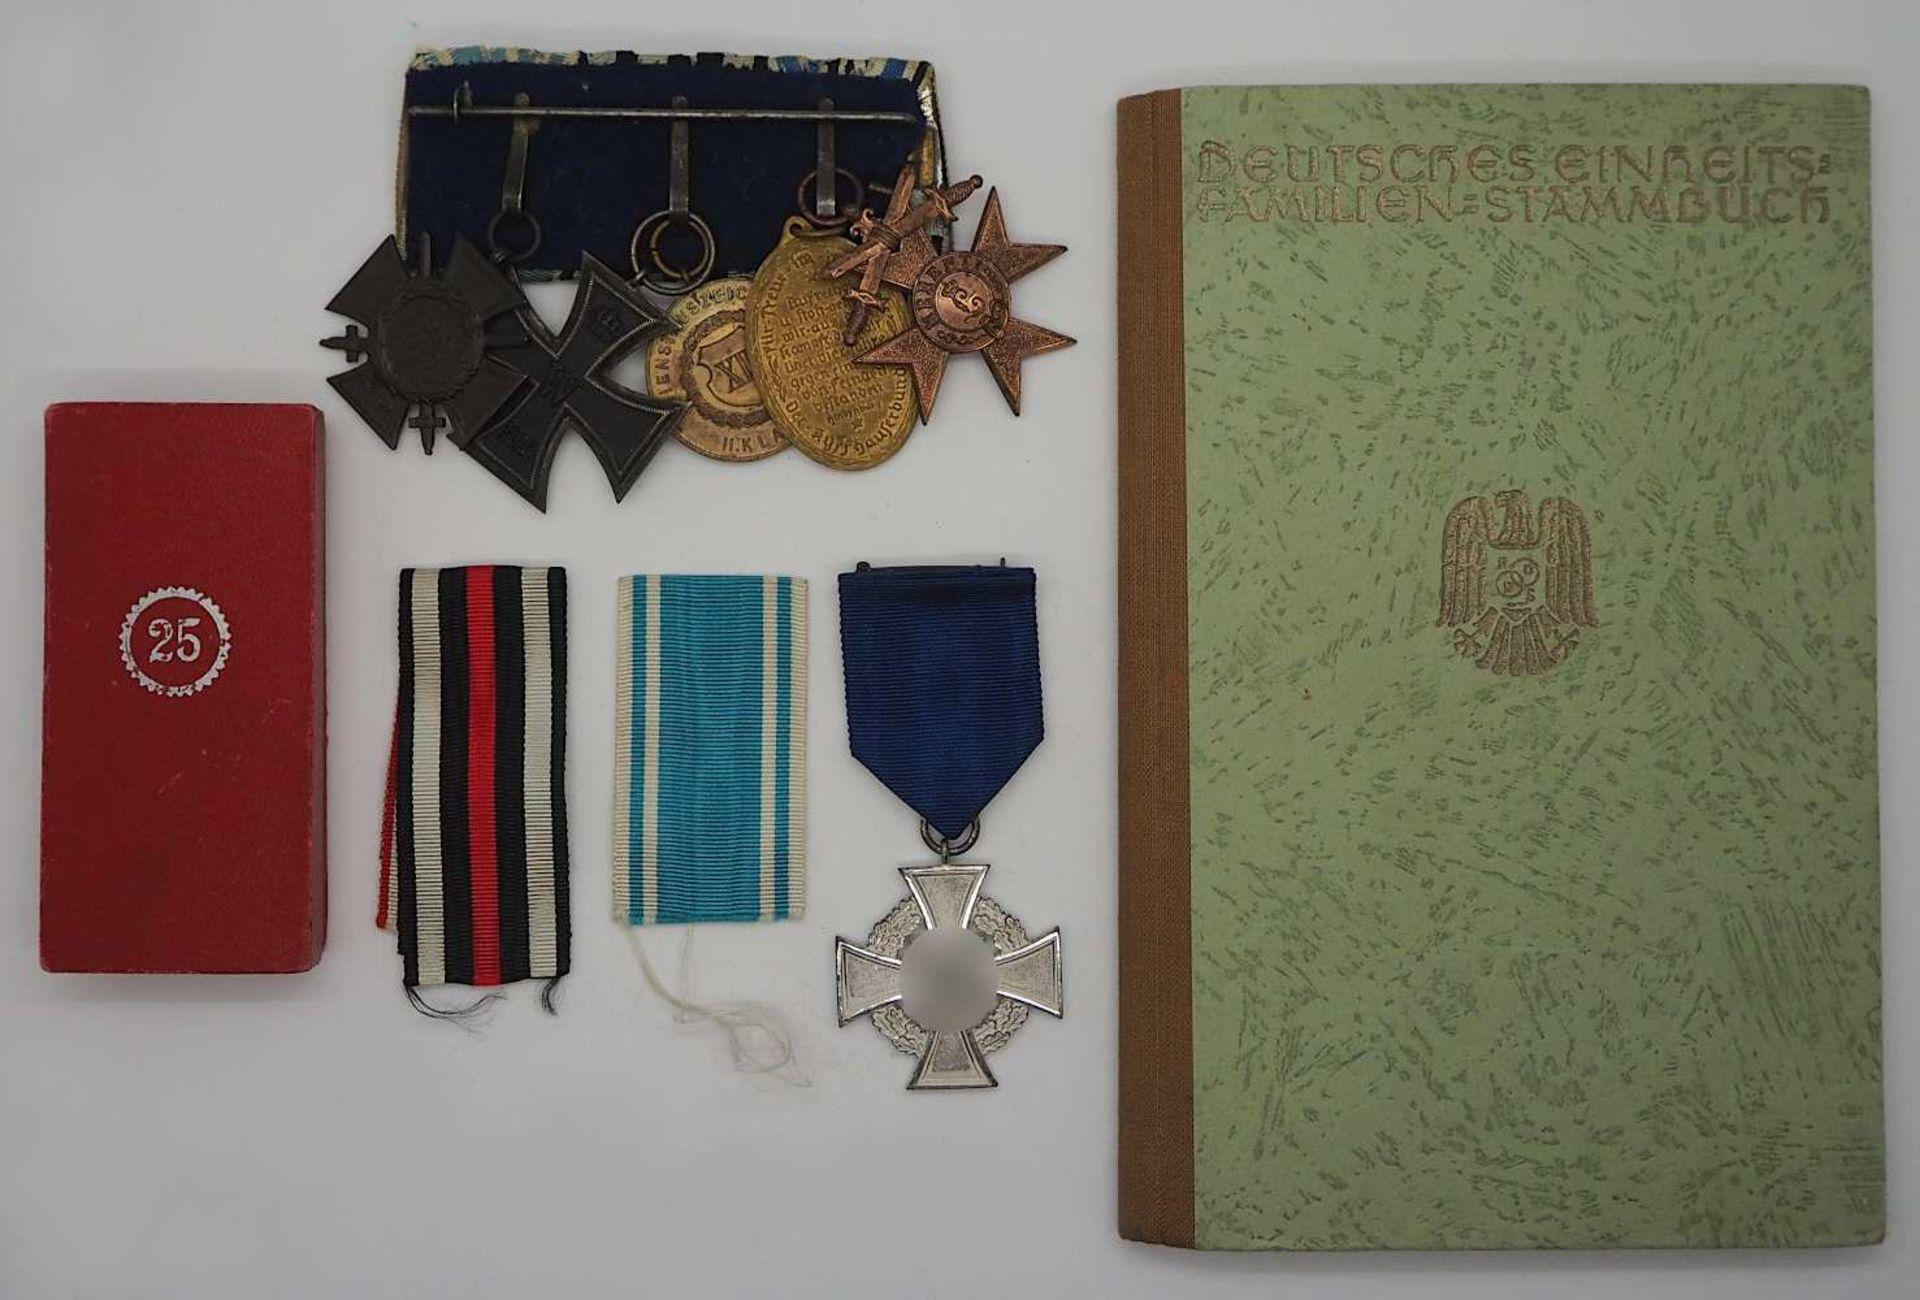 """1 Ordensspange mit versch. Abzeichen wohl 1. WK """"Ehrenkreuz des Weltkrieges 1914/1918"""" - Bild 2 aus 2"""